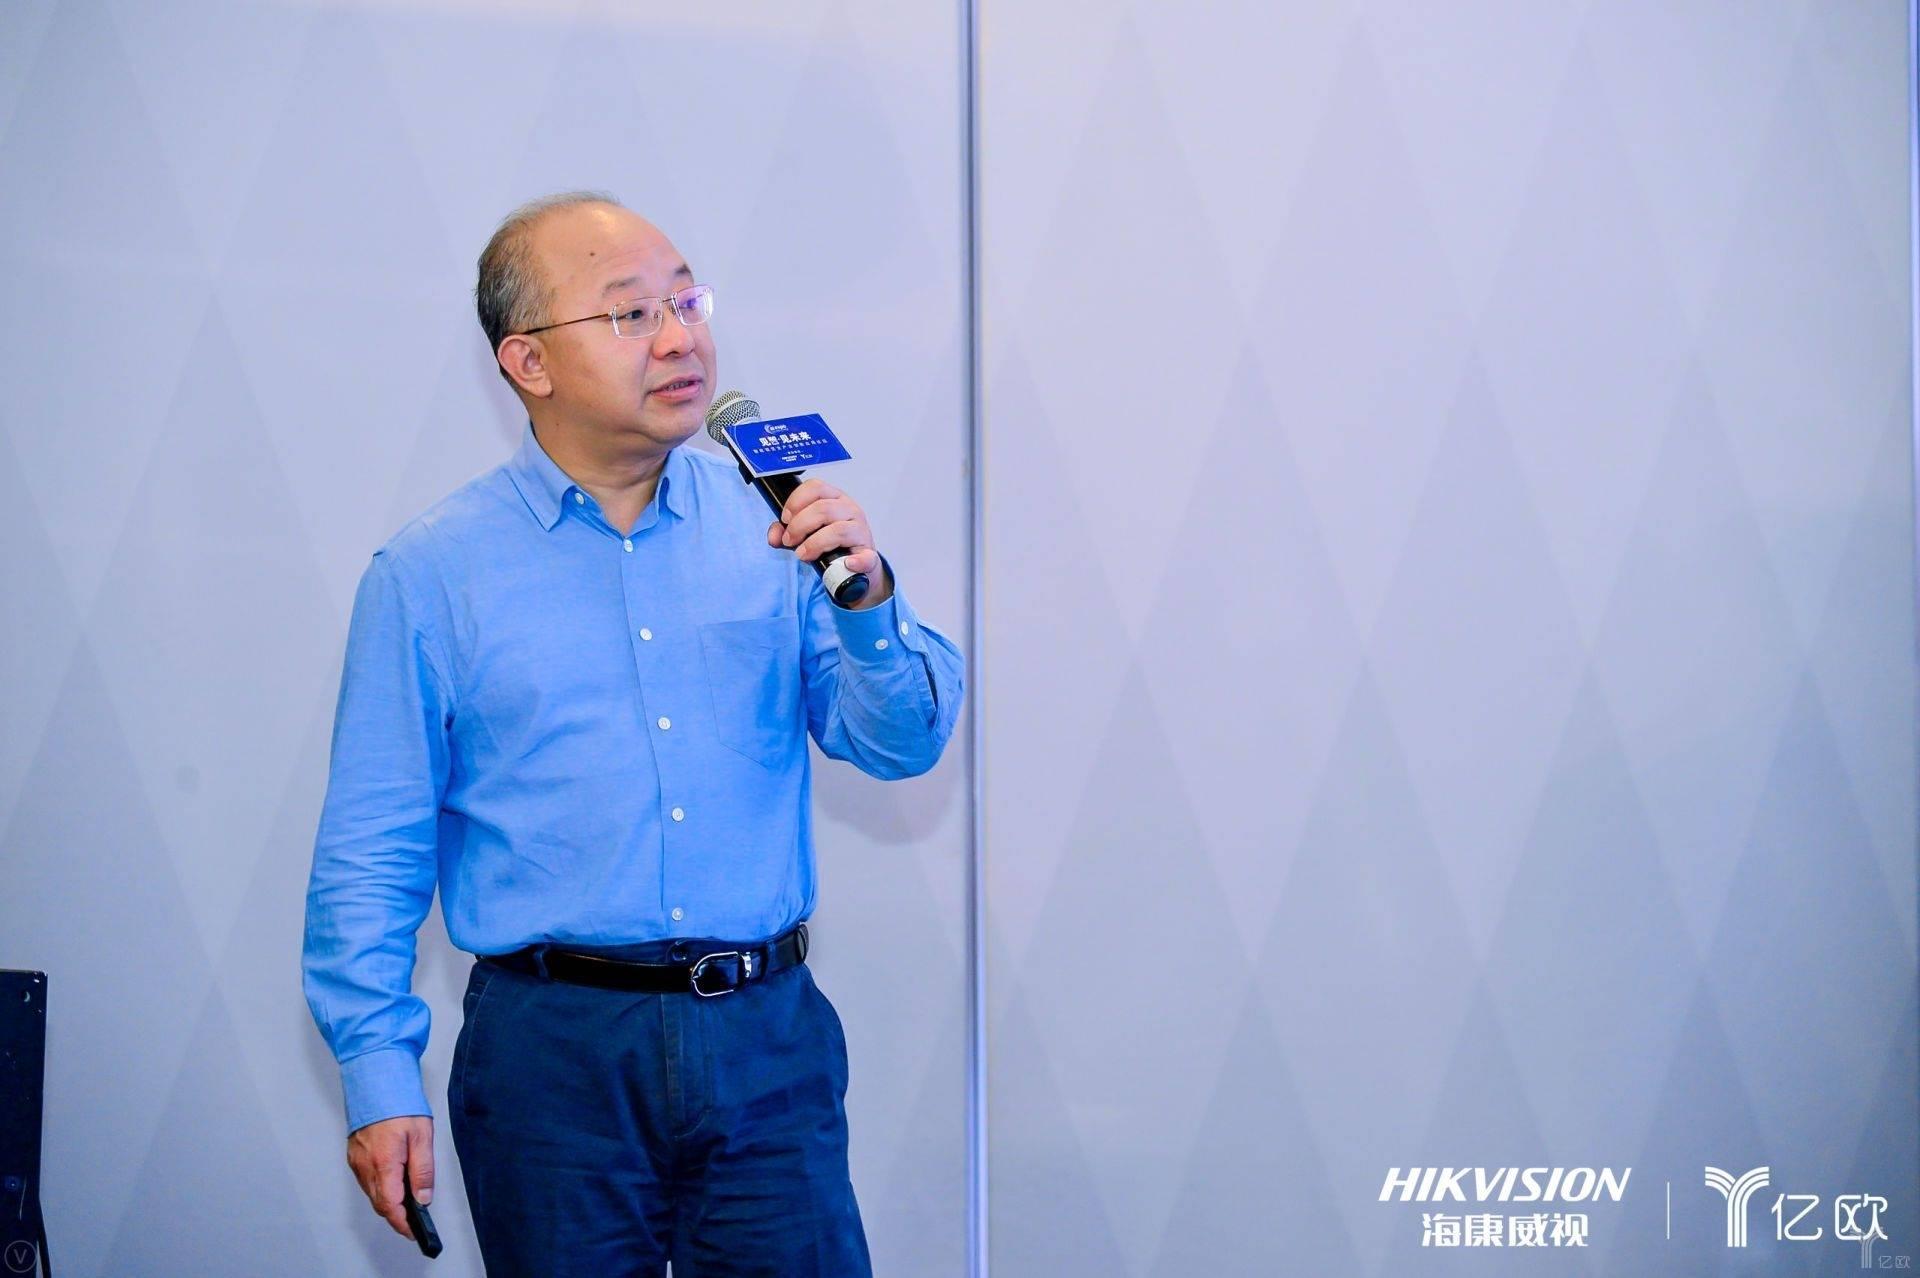 北京航空航天大学人工智能研究院院长李波